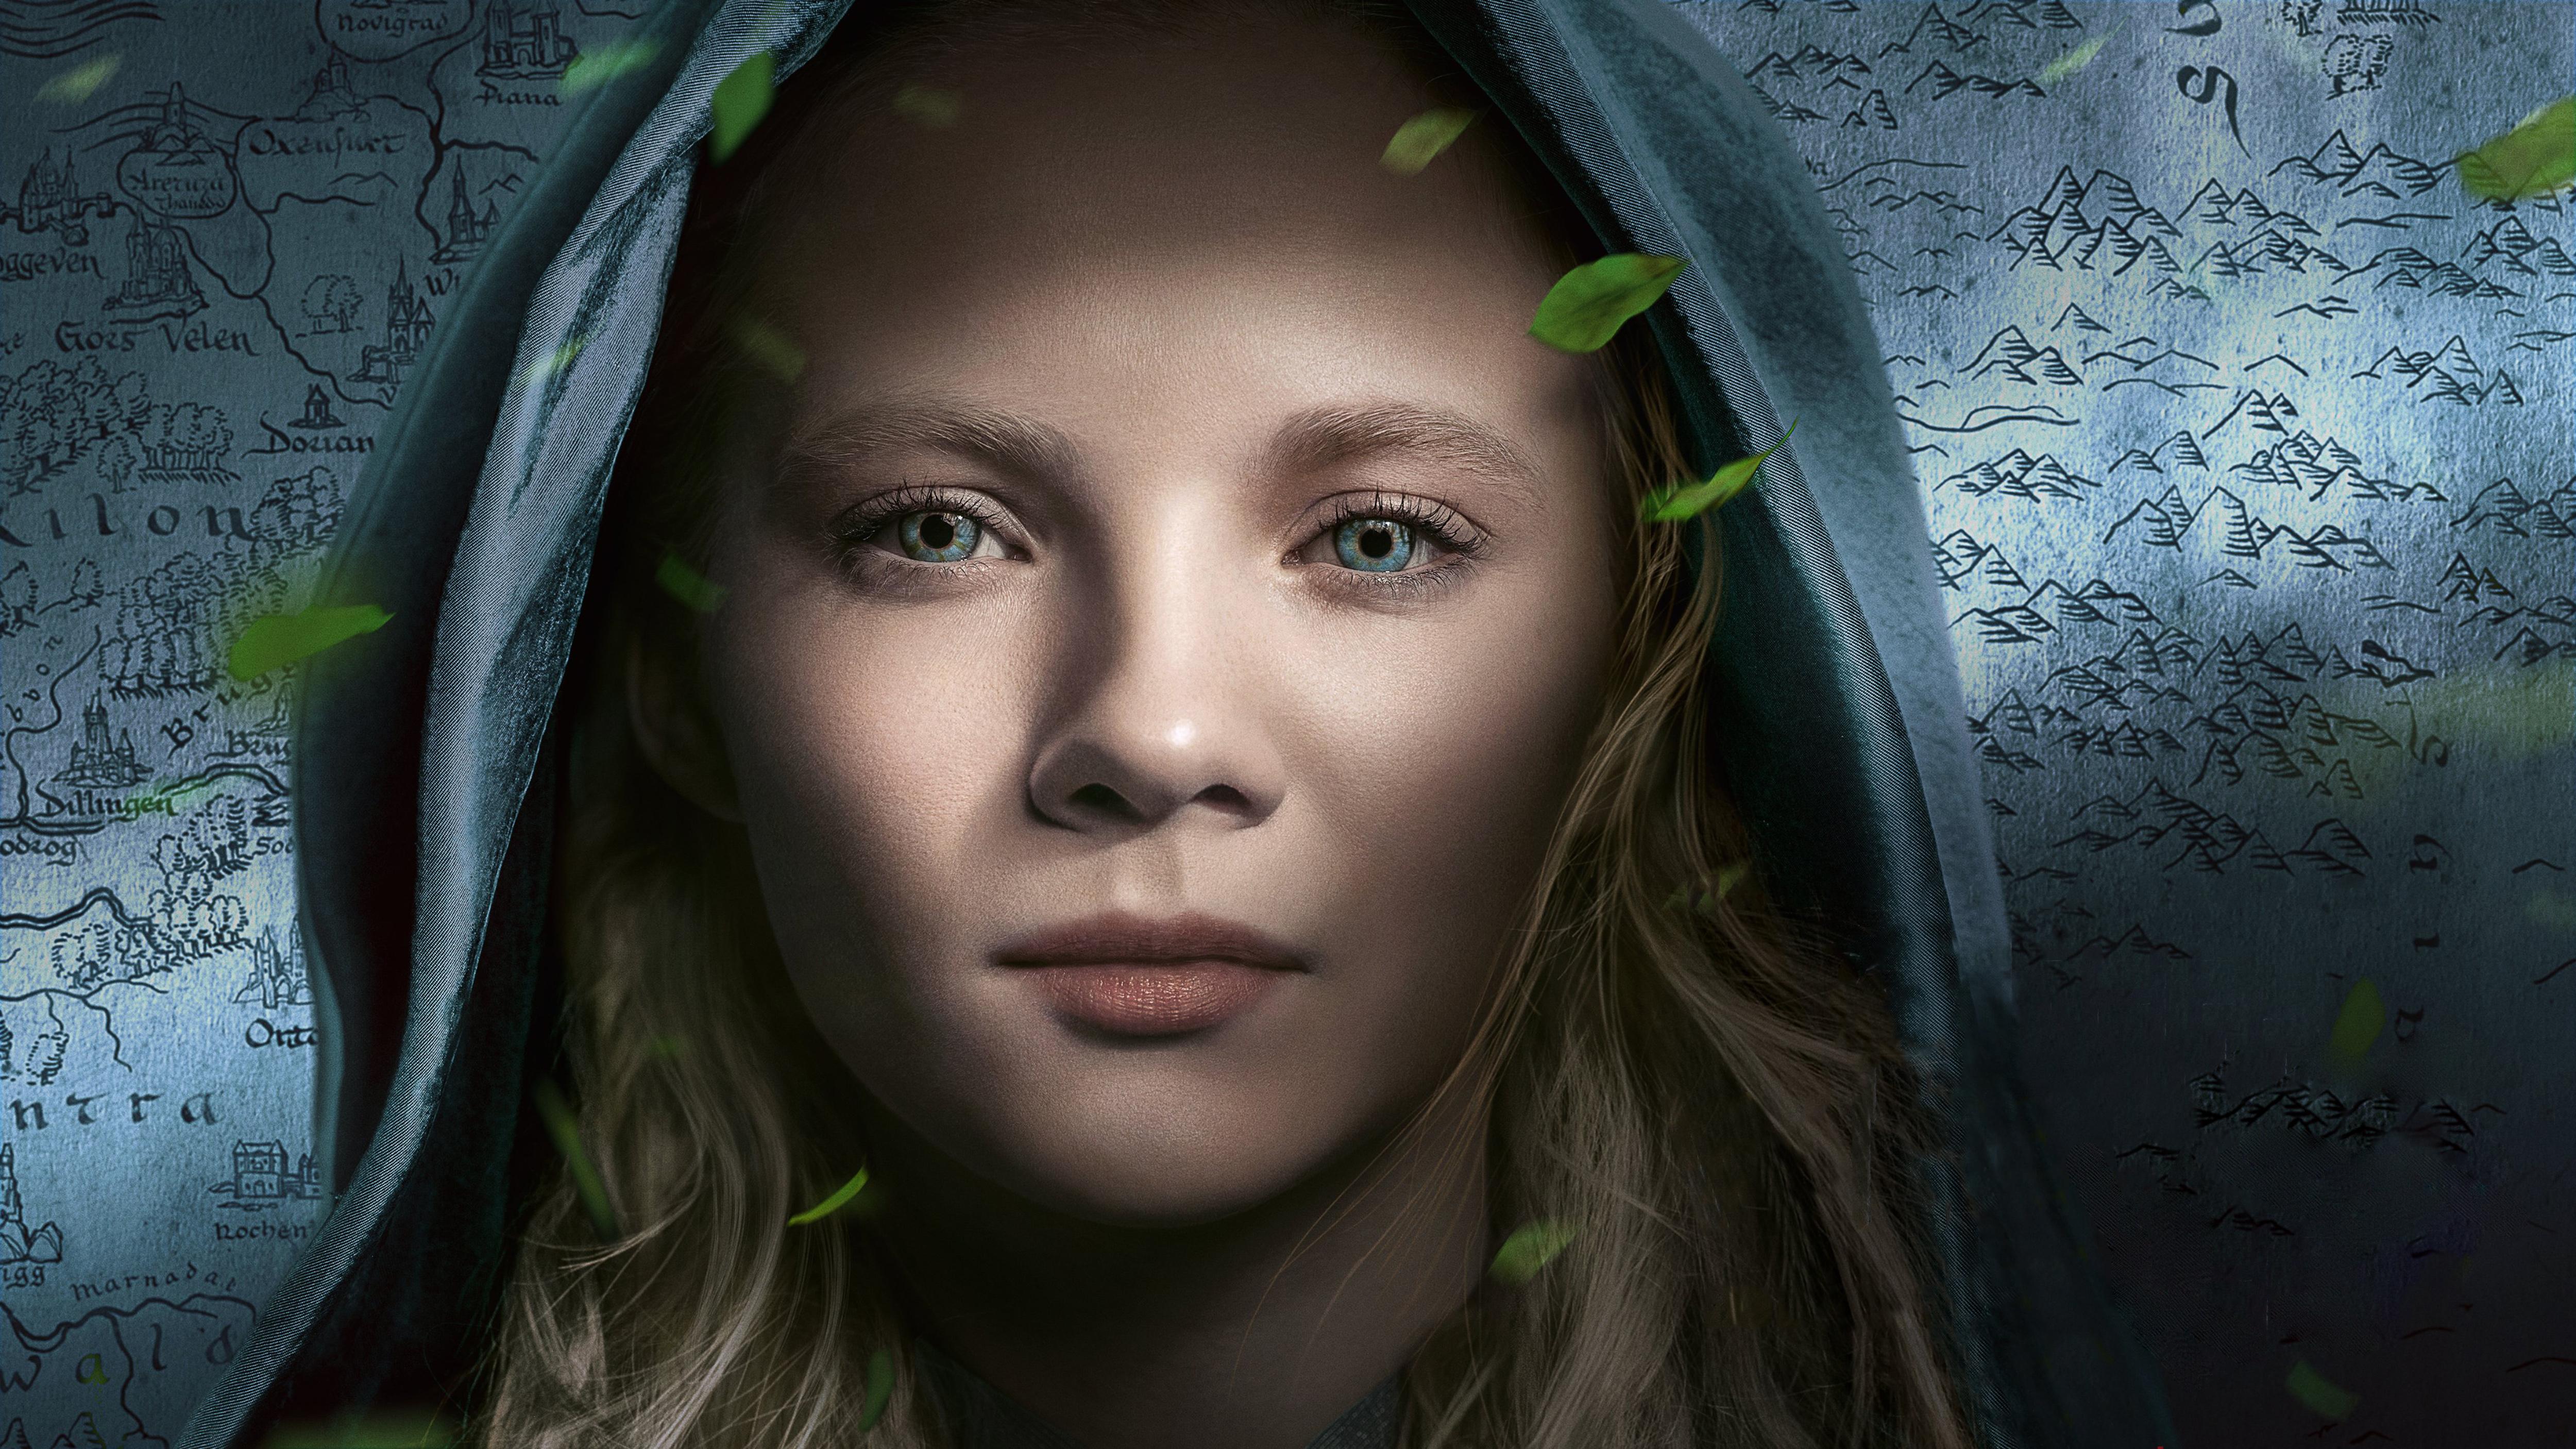 Ciri Netflix The Witcher Poster Wallpaper Hd Tv Series 4k